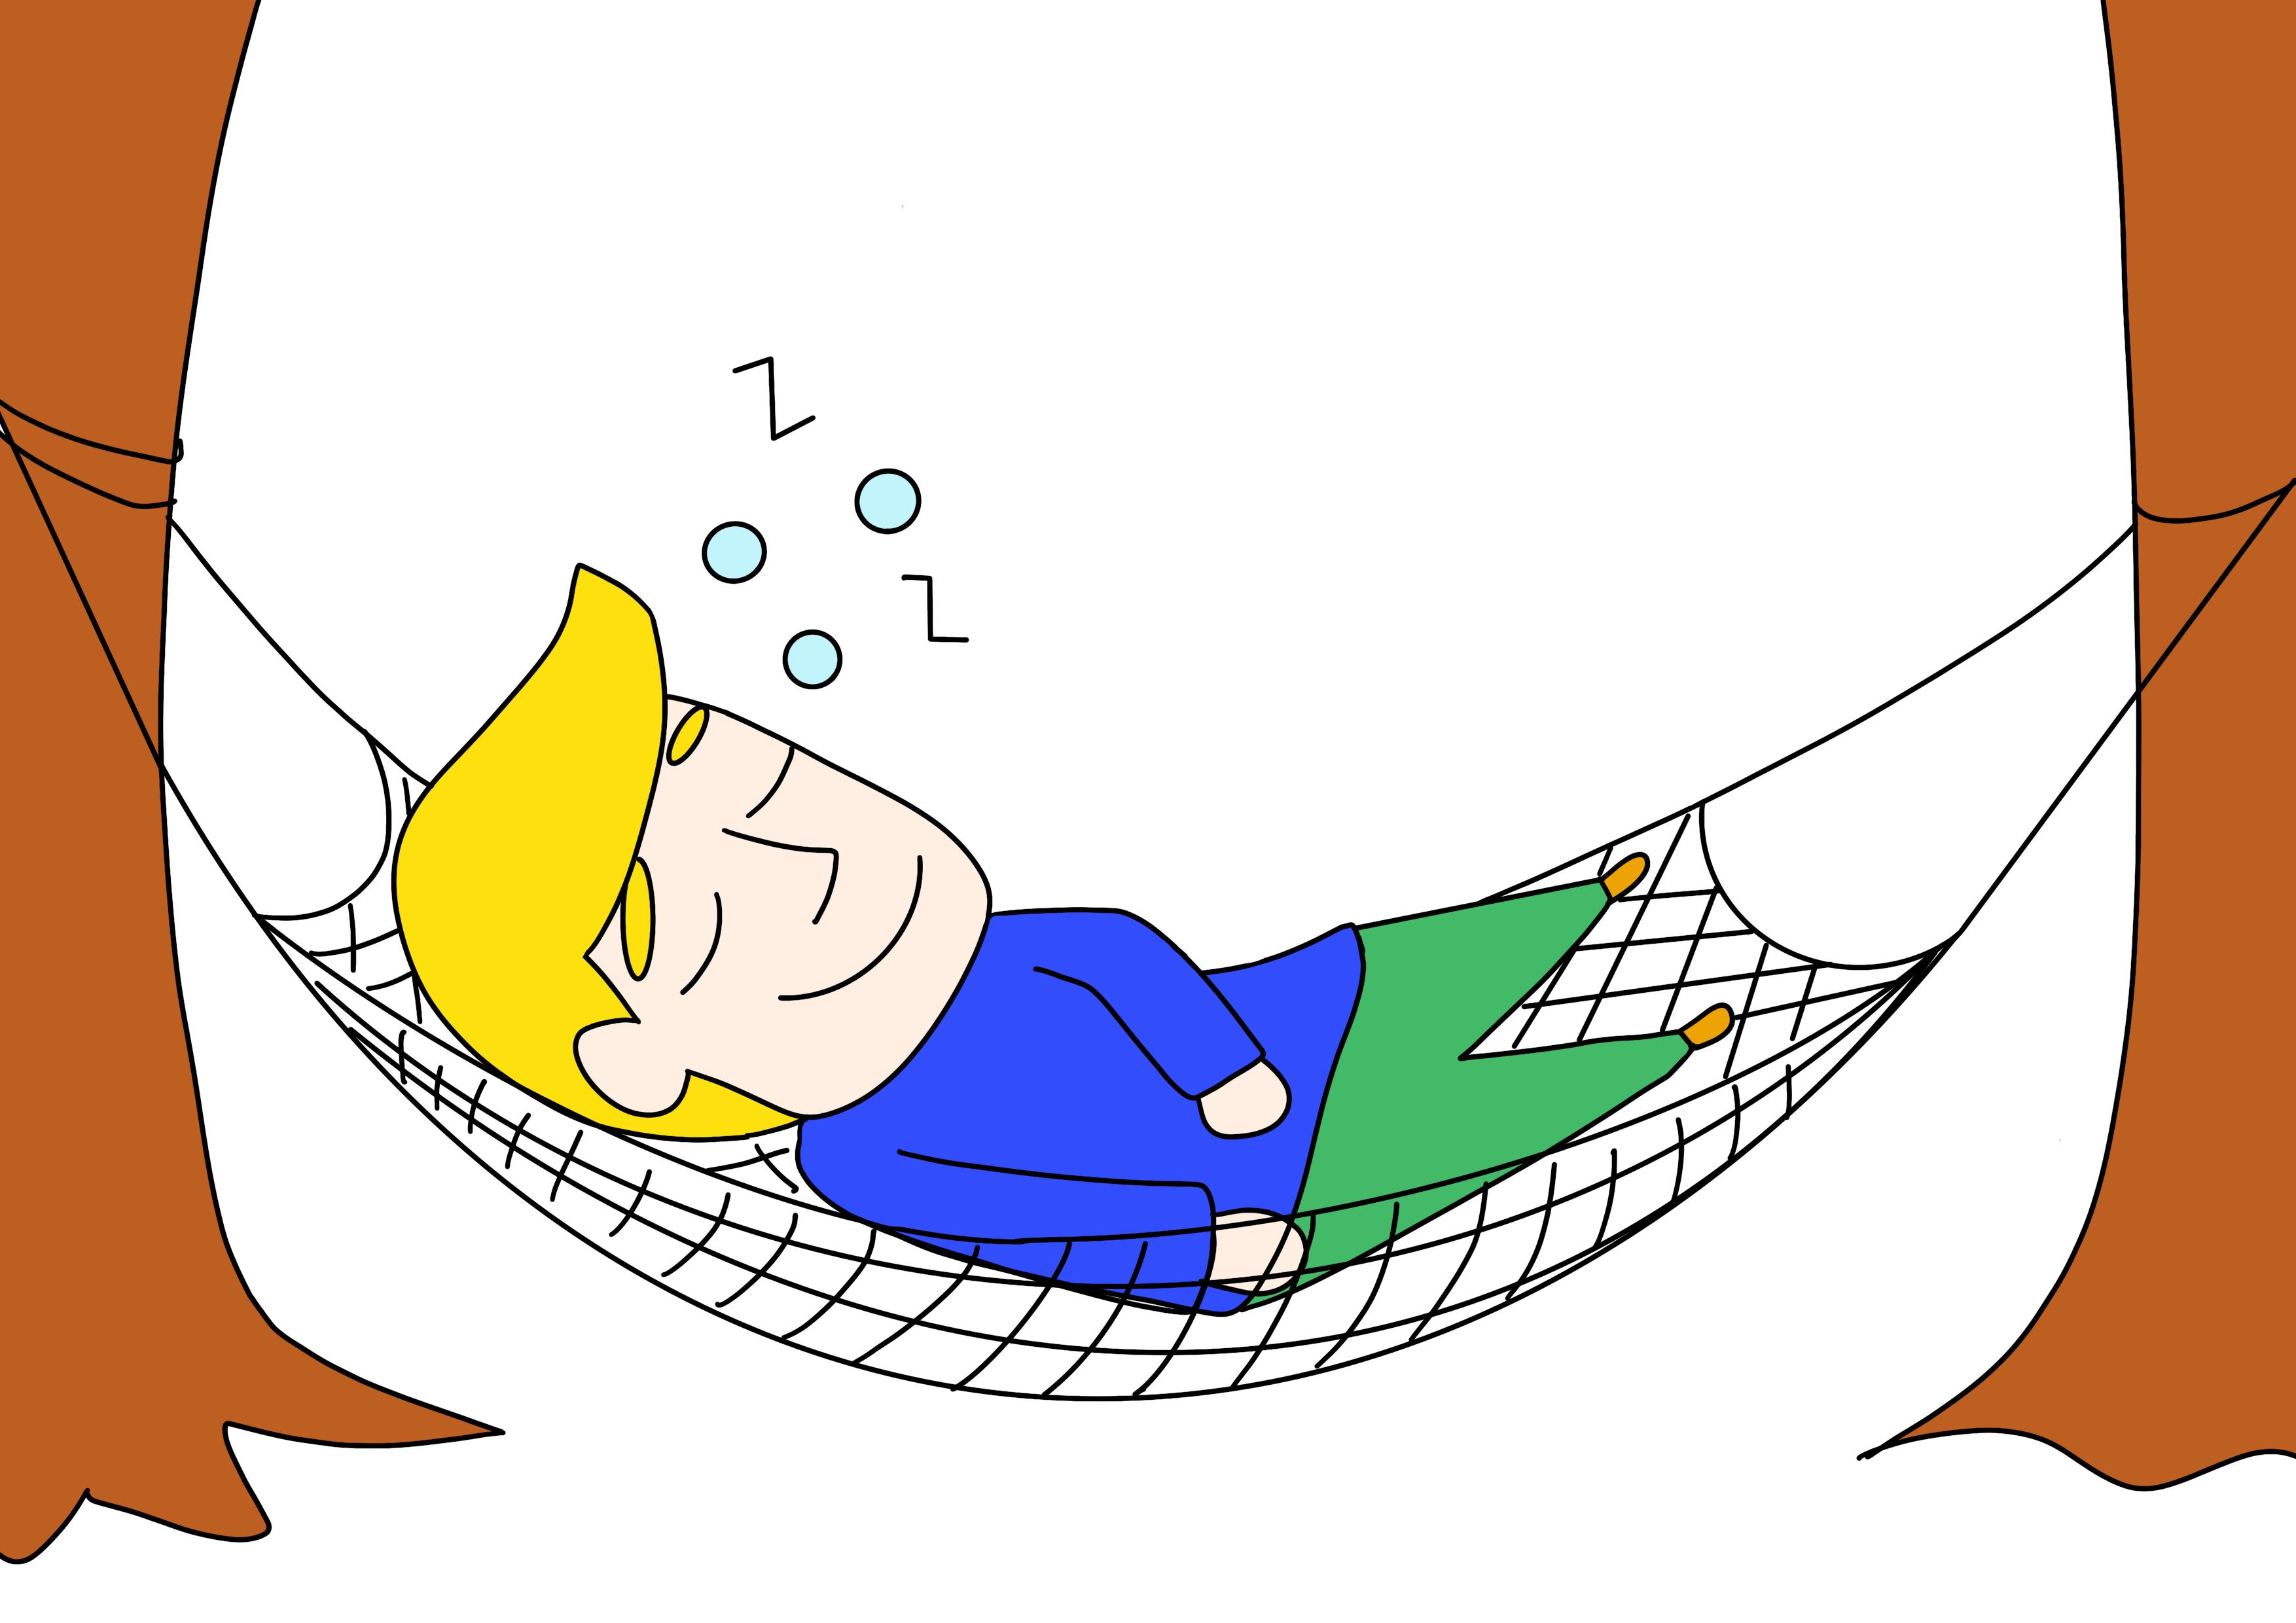 44課イラスト【眠る/ハンモック】